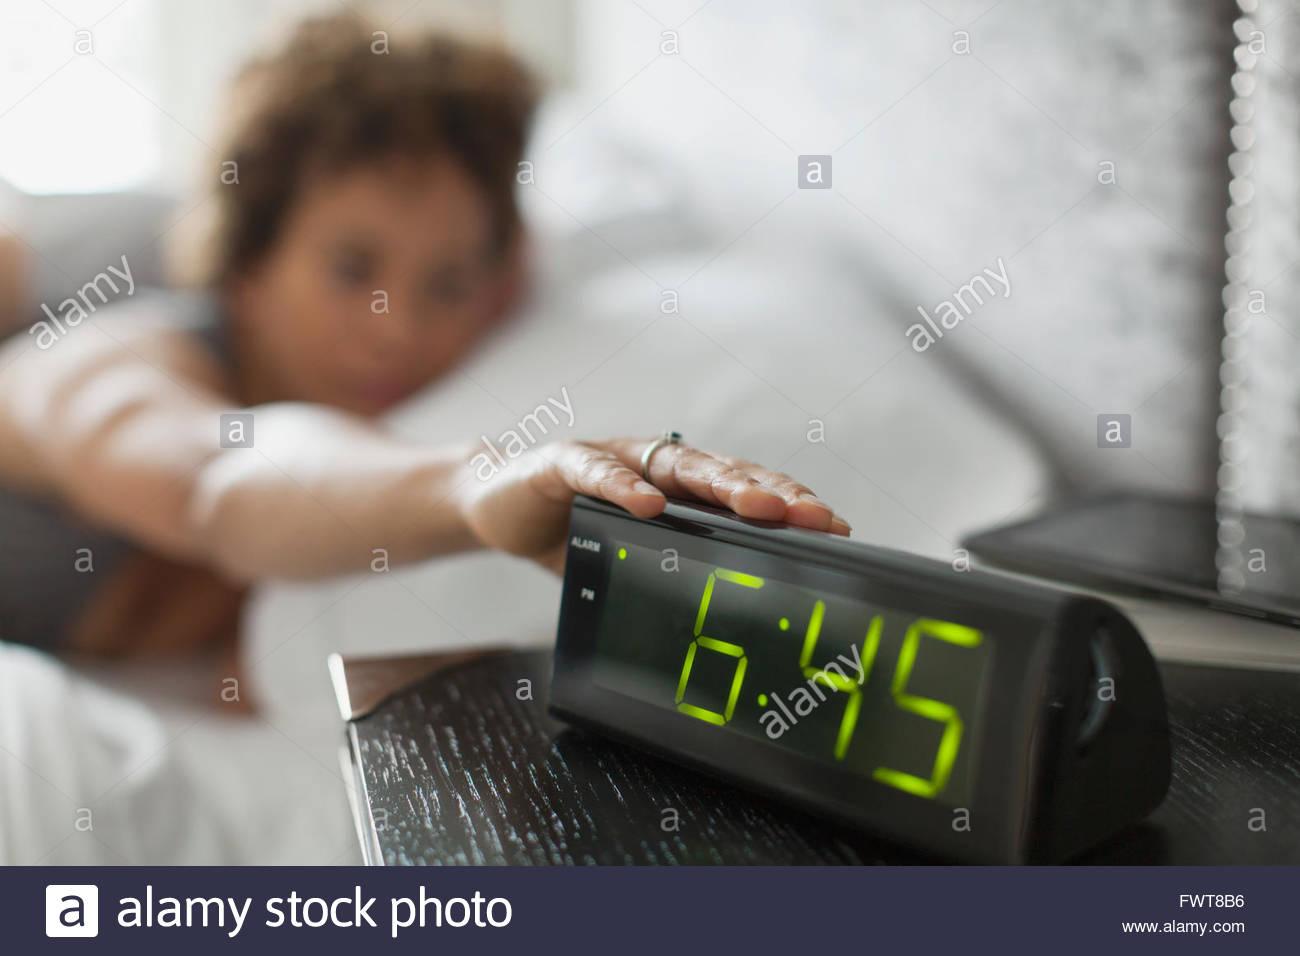 La donna per raggiungere il pulsante Snooze sulla sveglia. Immagini Stock